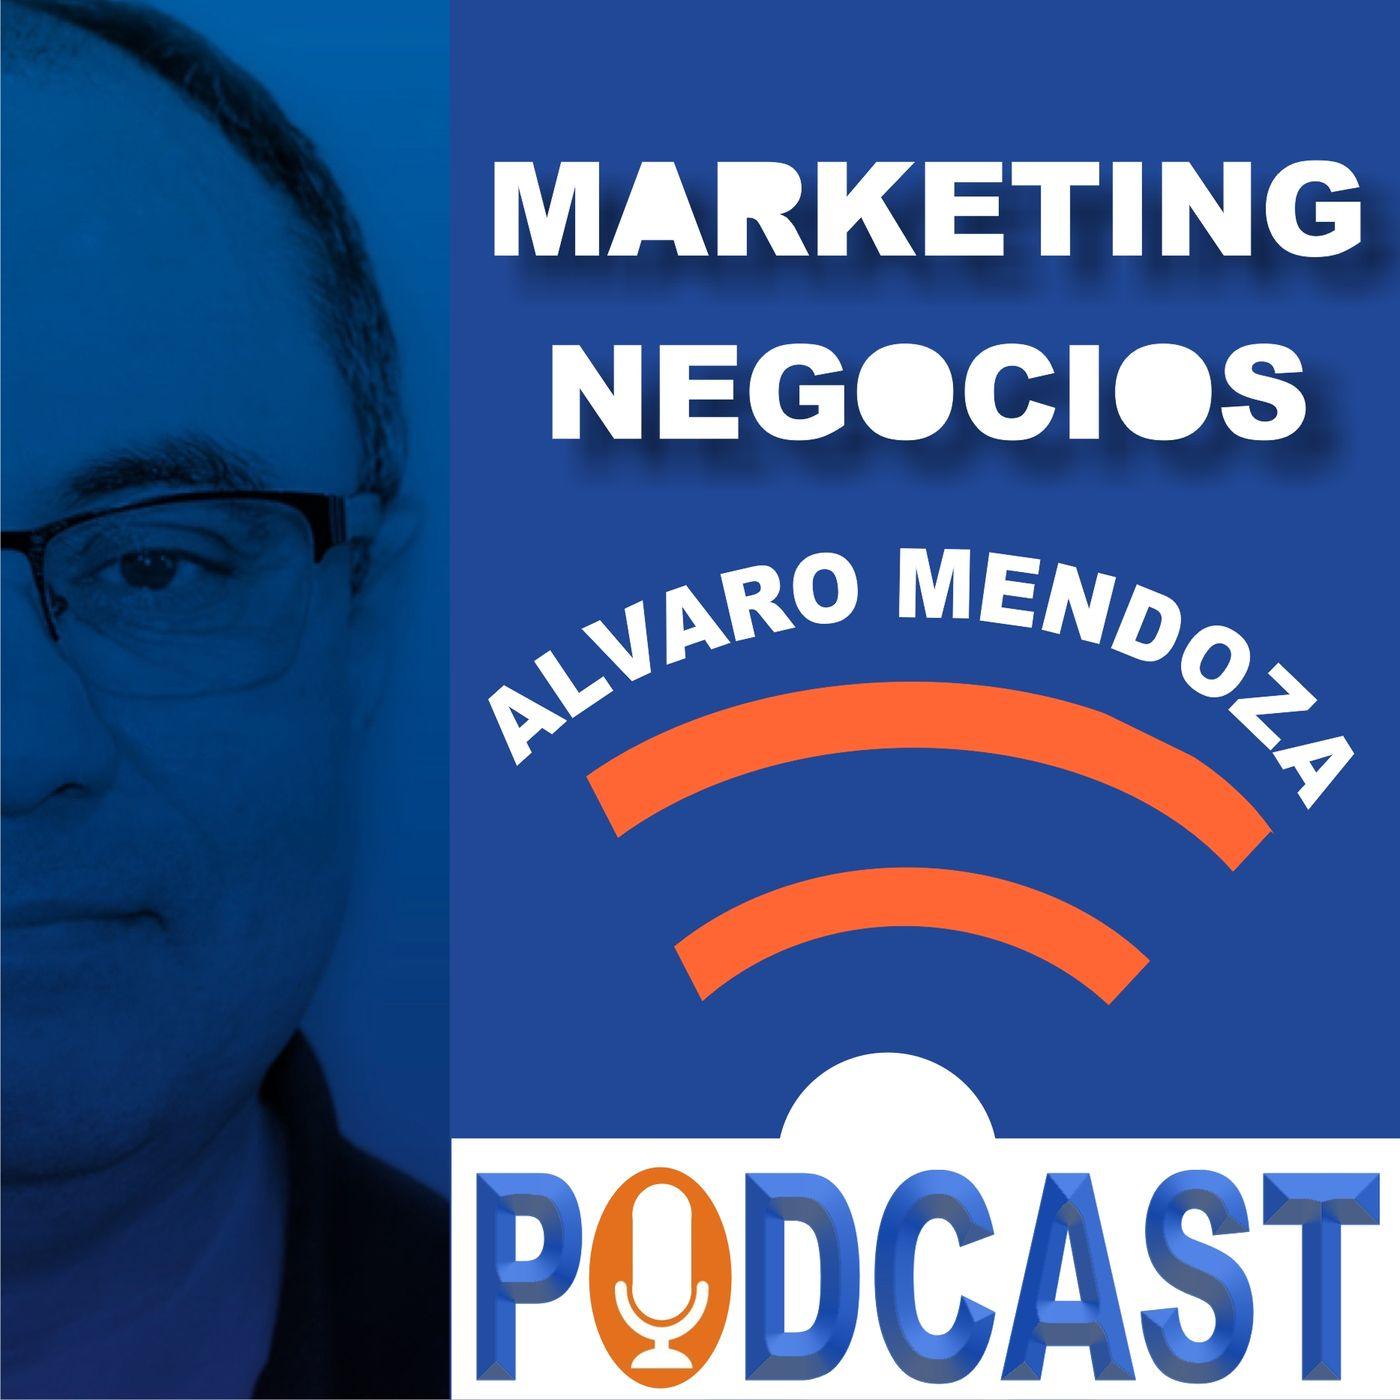 Todos tienen una definición diferente de marketing, ¿cuál es la tuya?